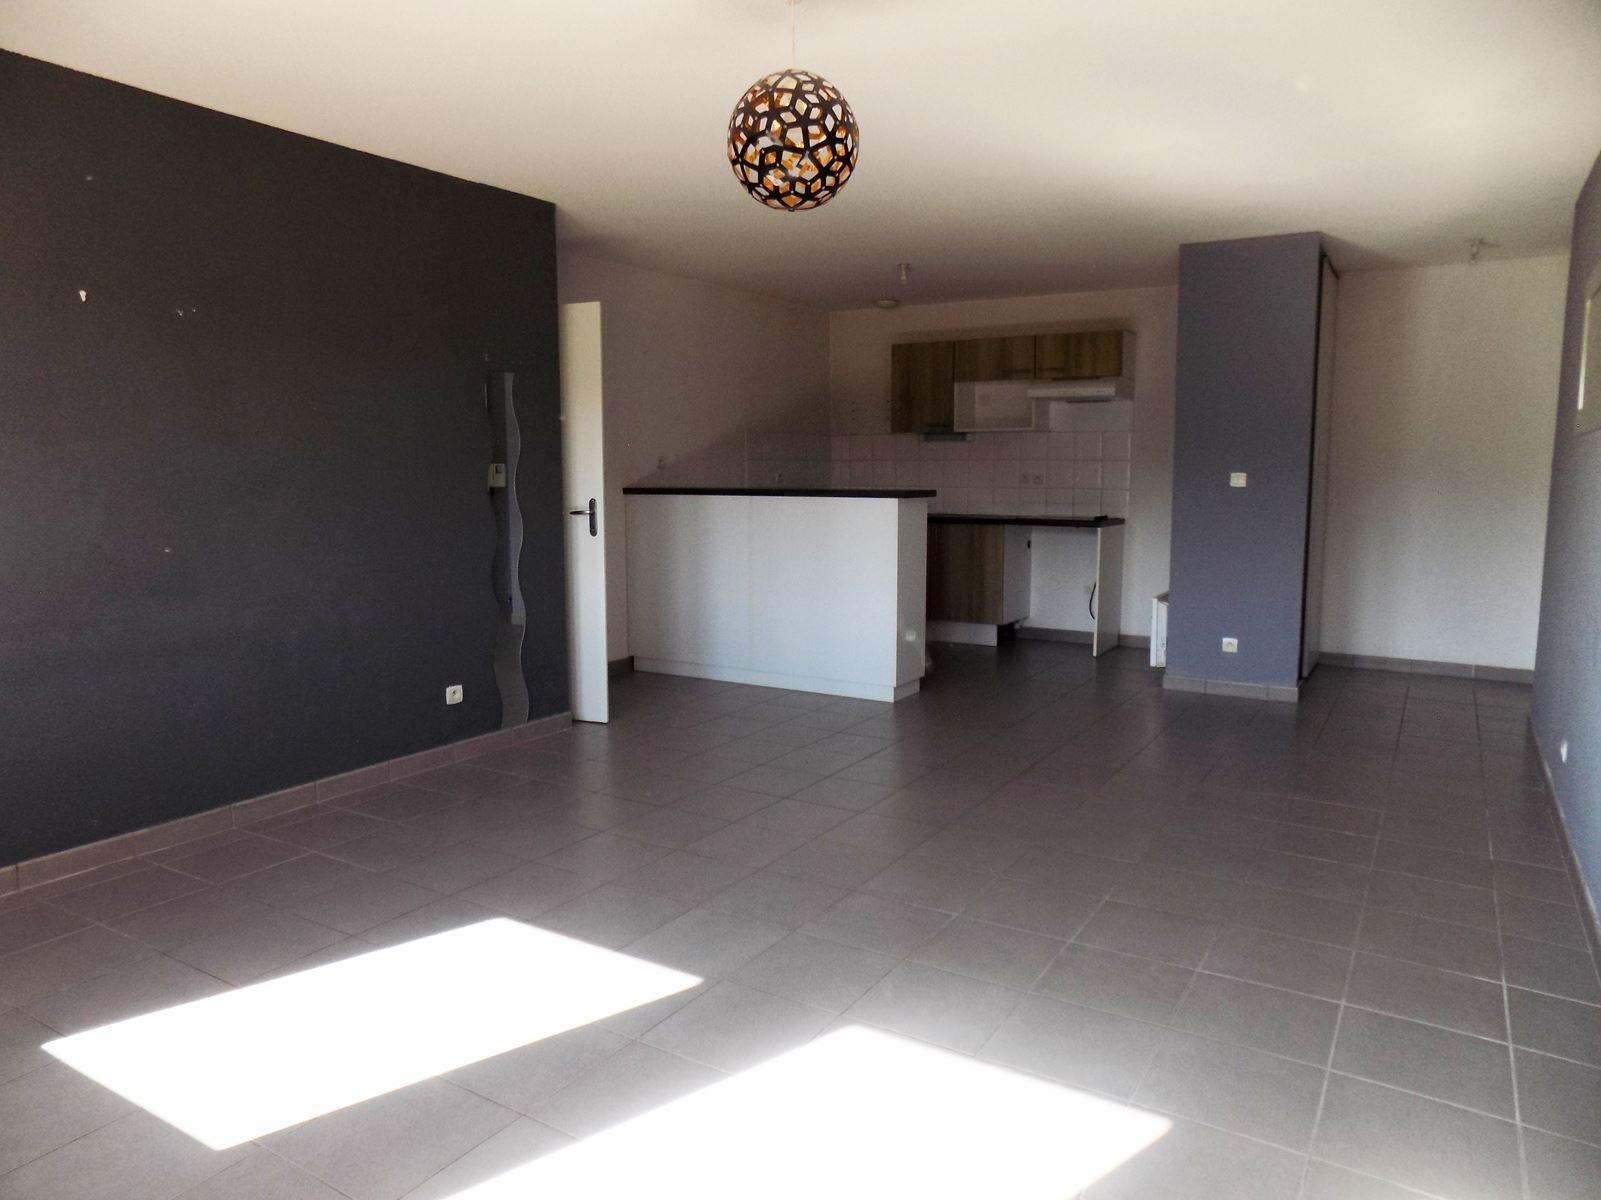 Appartement T3 - 67m² - 31780 CASTELGINEST